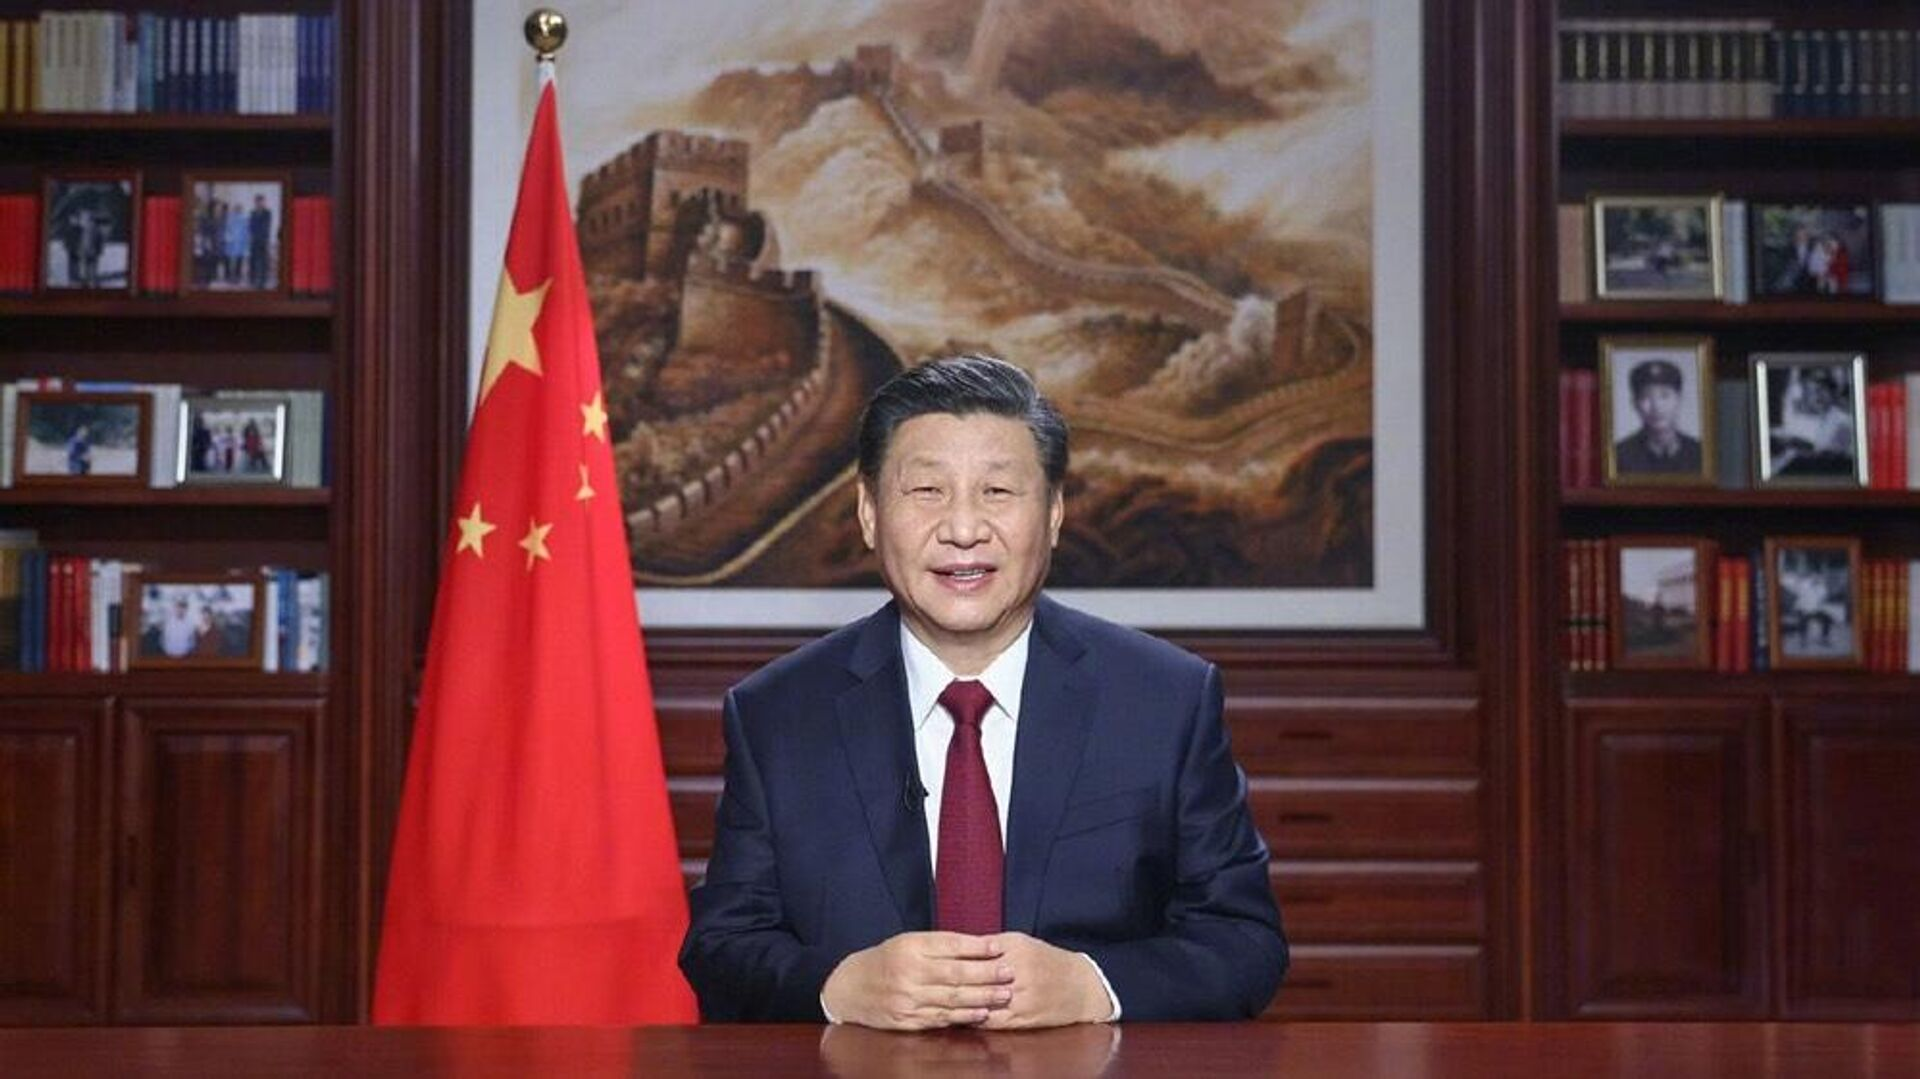 Председатель КНР Си Цзиньпин поздравил китайскую нацию и народы всего мира с наступающим 2021 годом - РИА Новости, 1920, 10.09.2021